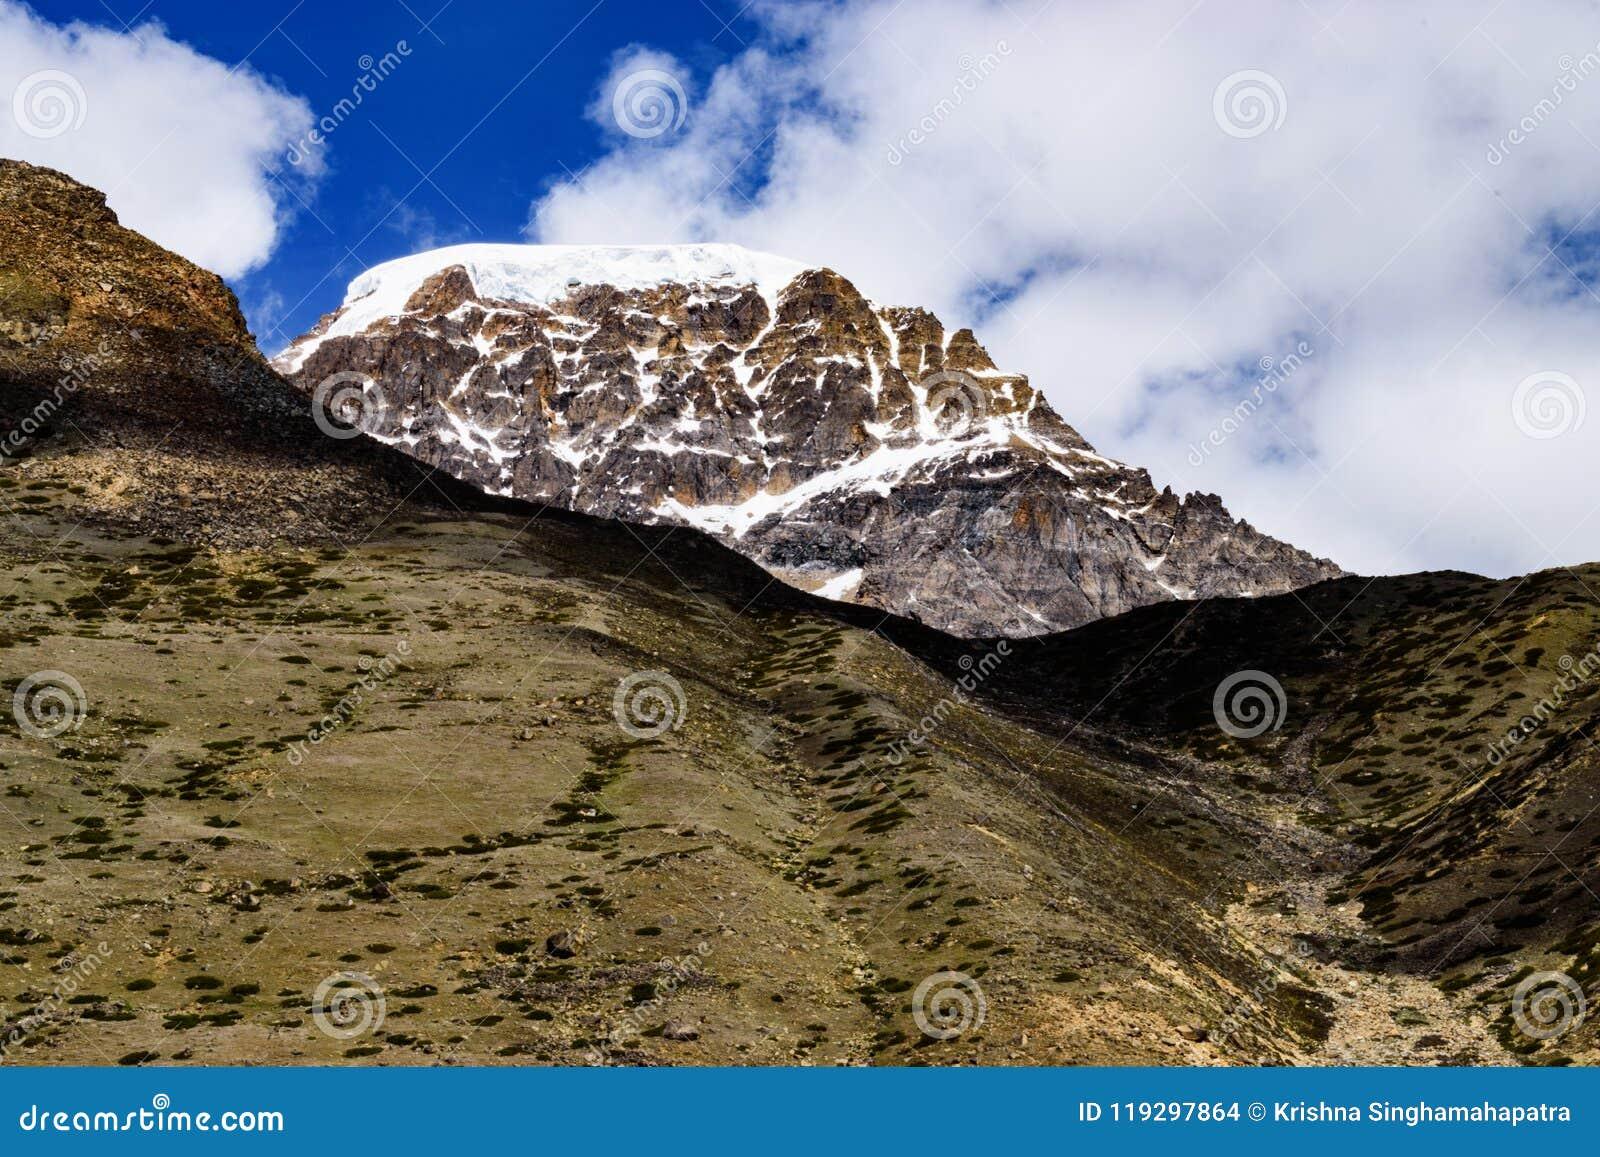 La neige a couvert la crête de montagne de l Himalaya de CloudscapeOn la manière à Gurudongmar